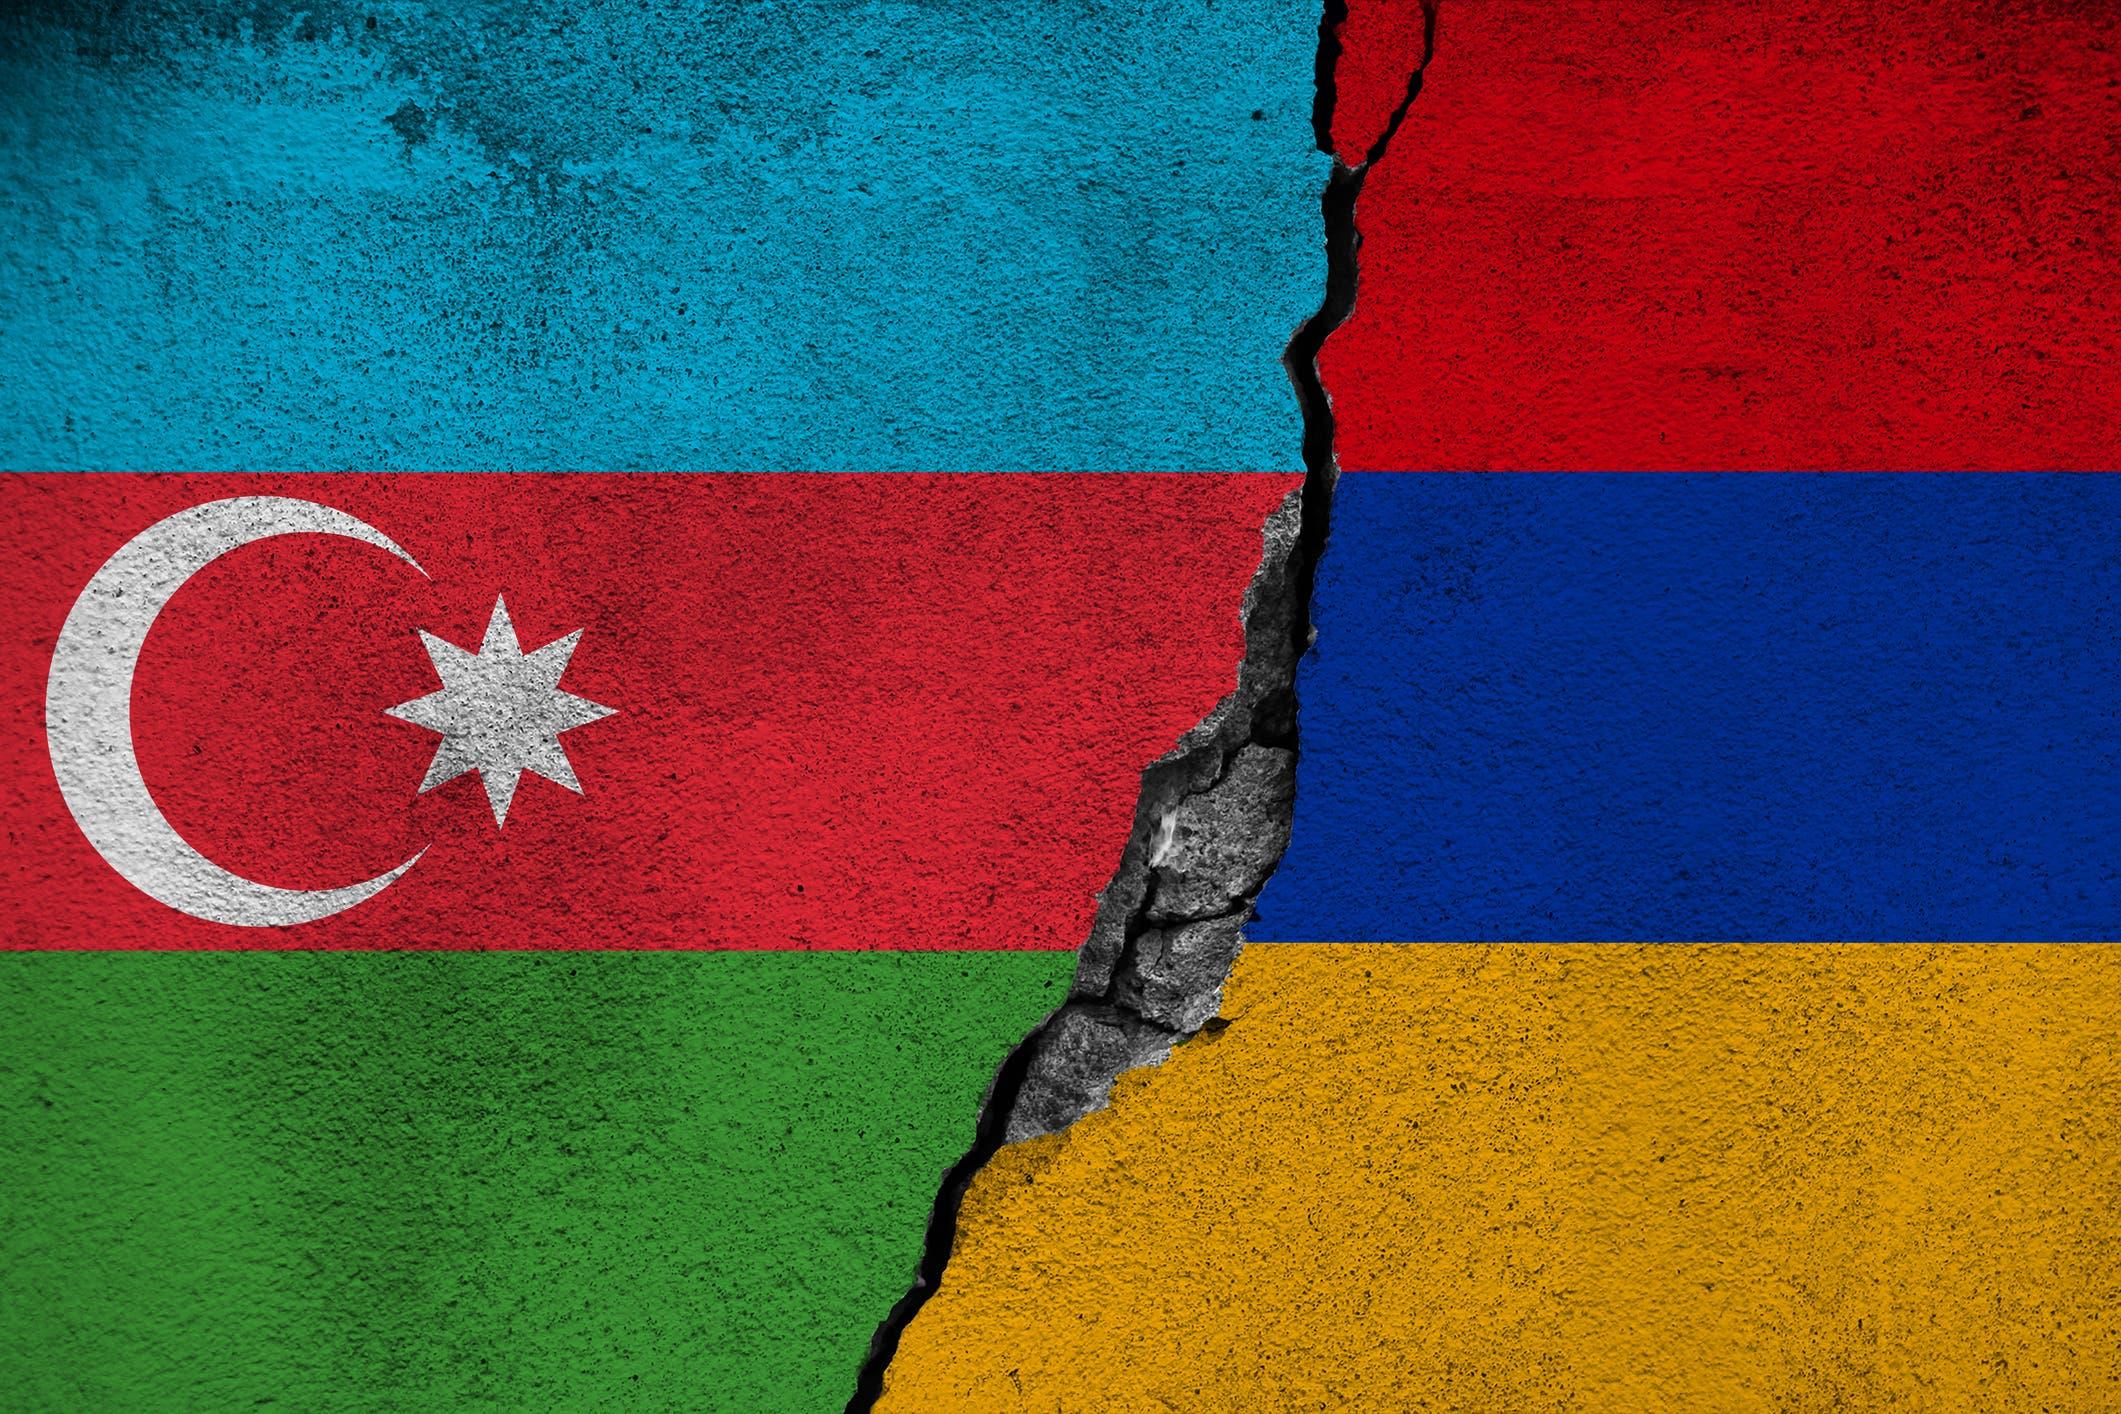 أرمينيا و أذربيجان: مجلس الأمن يناقش أزمة ناغورنو كاراباخ ...